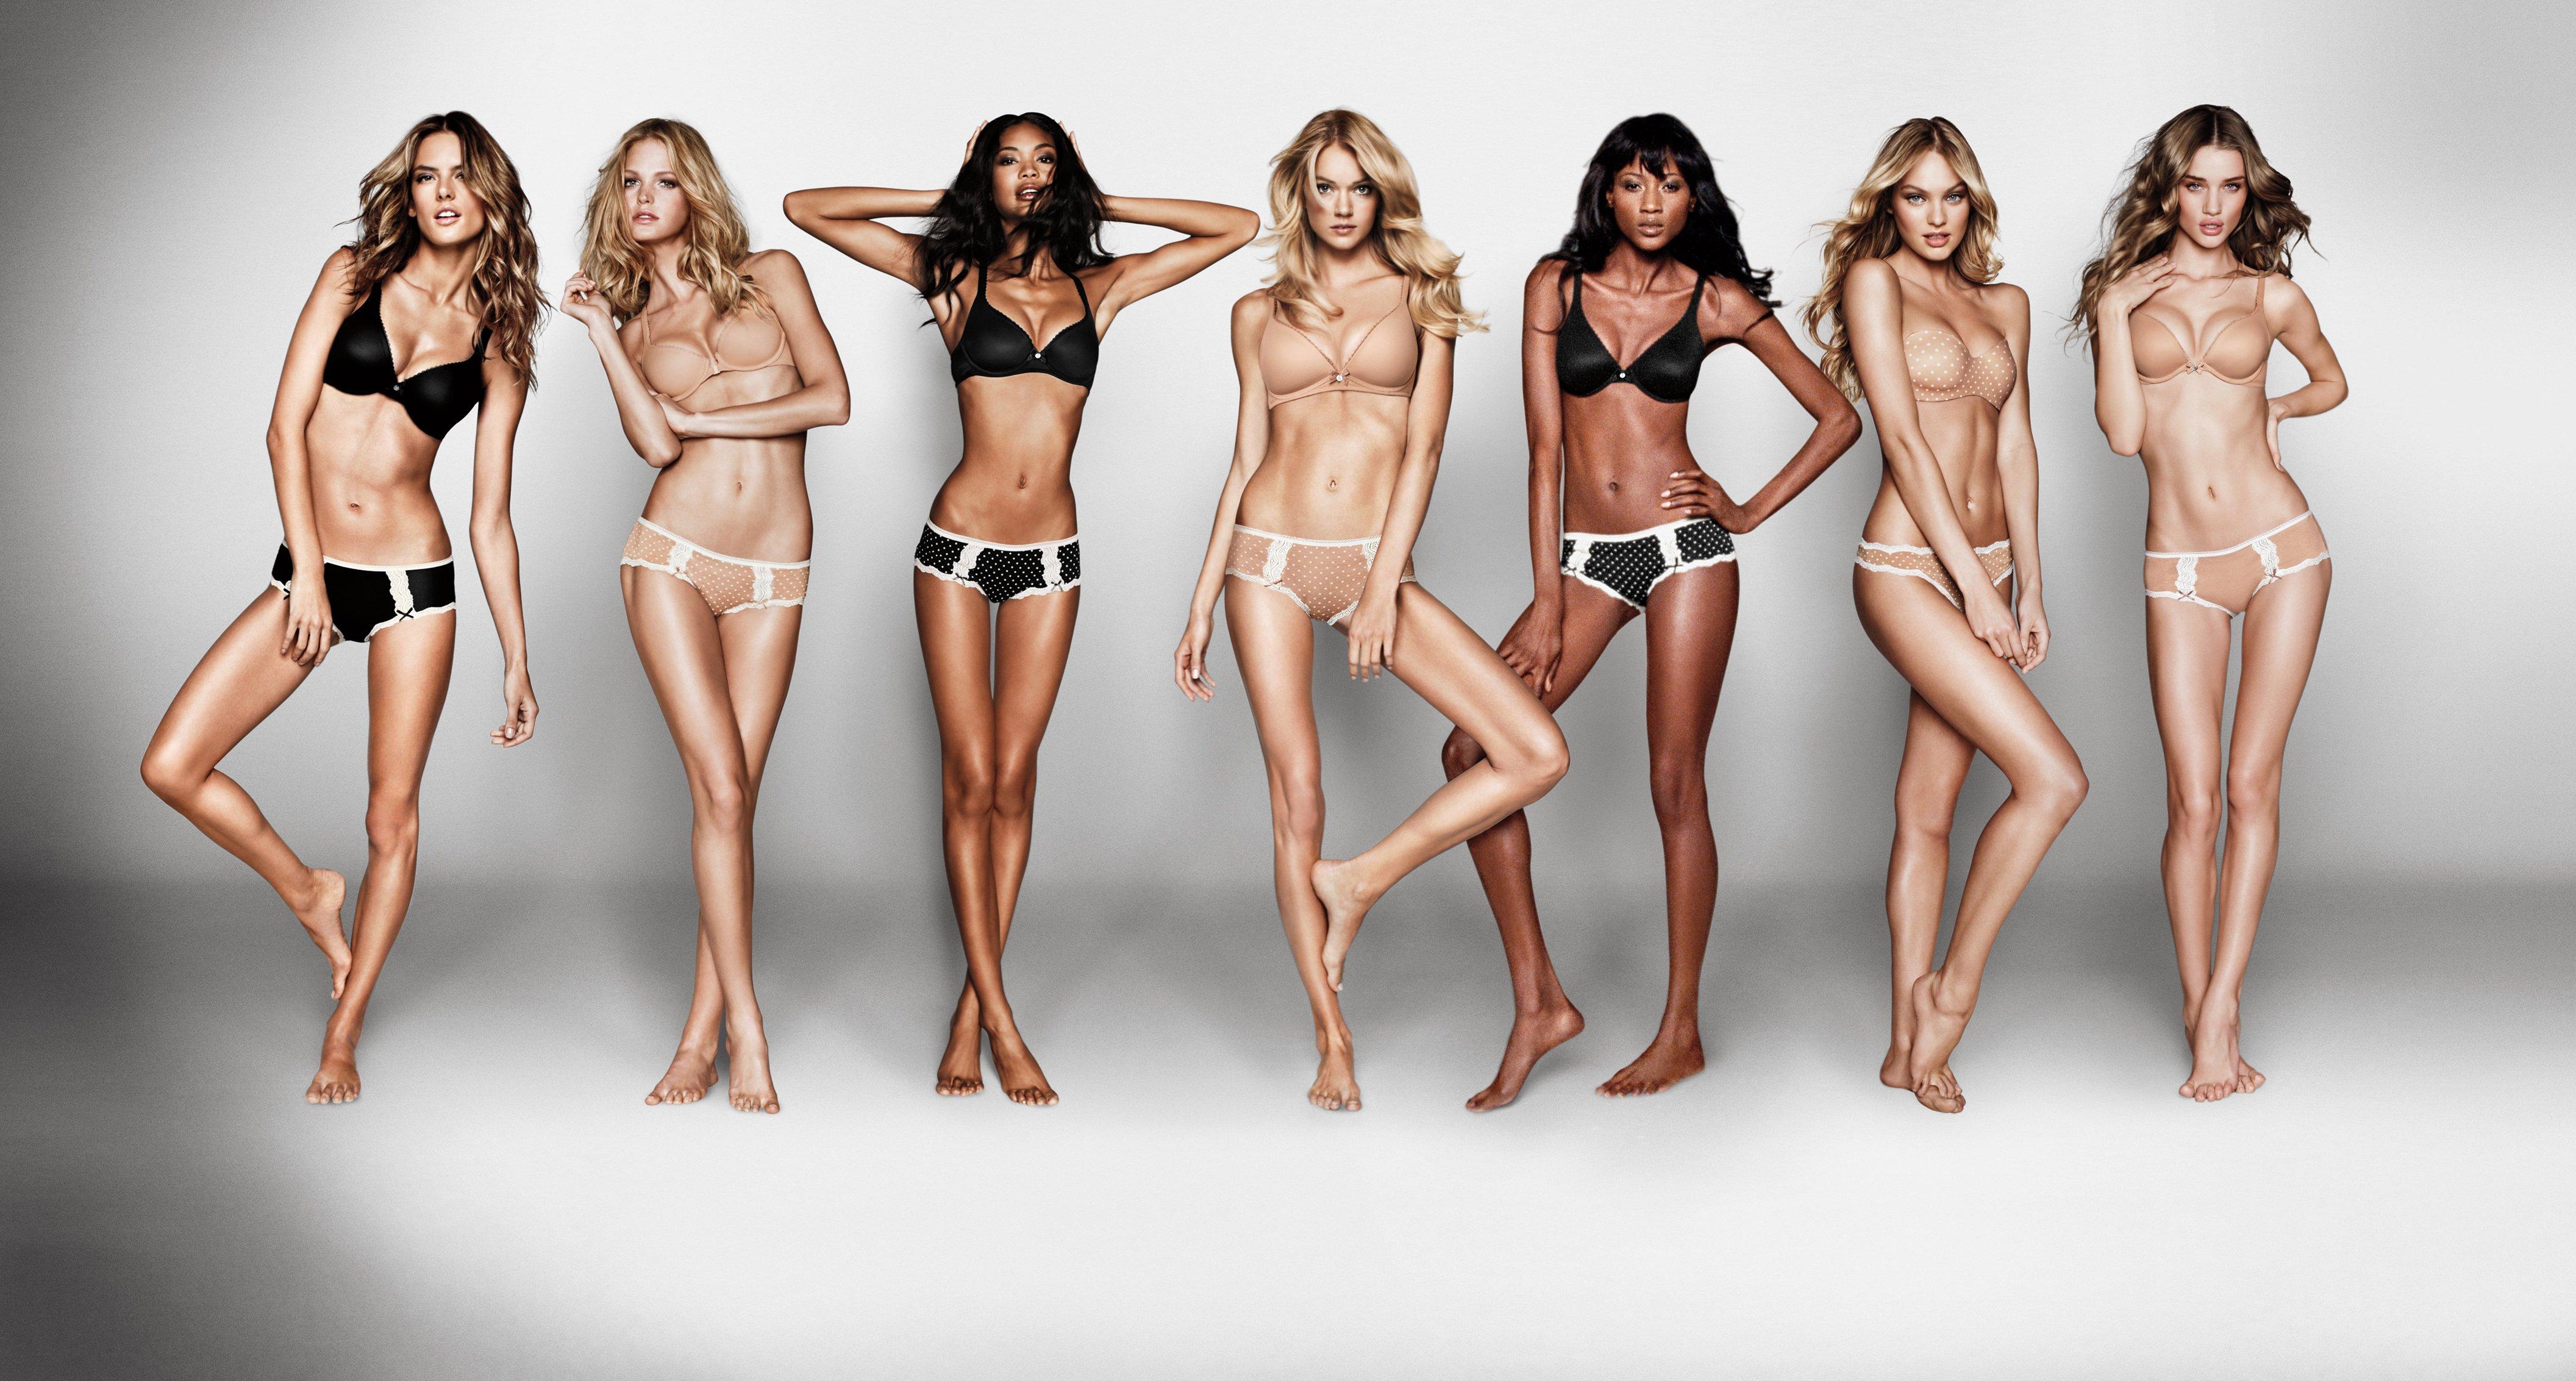 Sims3 nackt naked photos